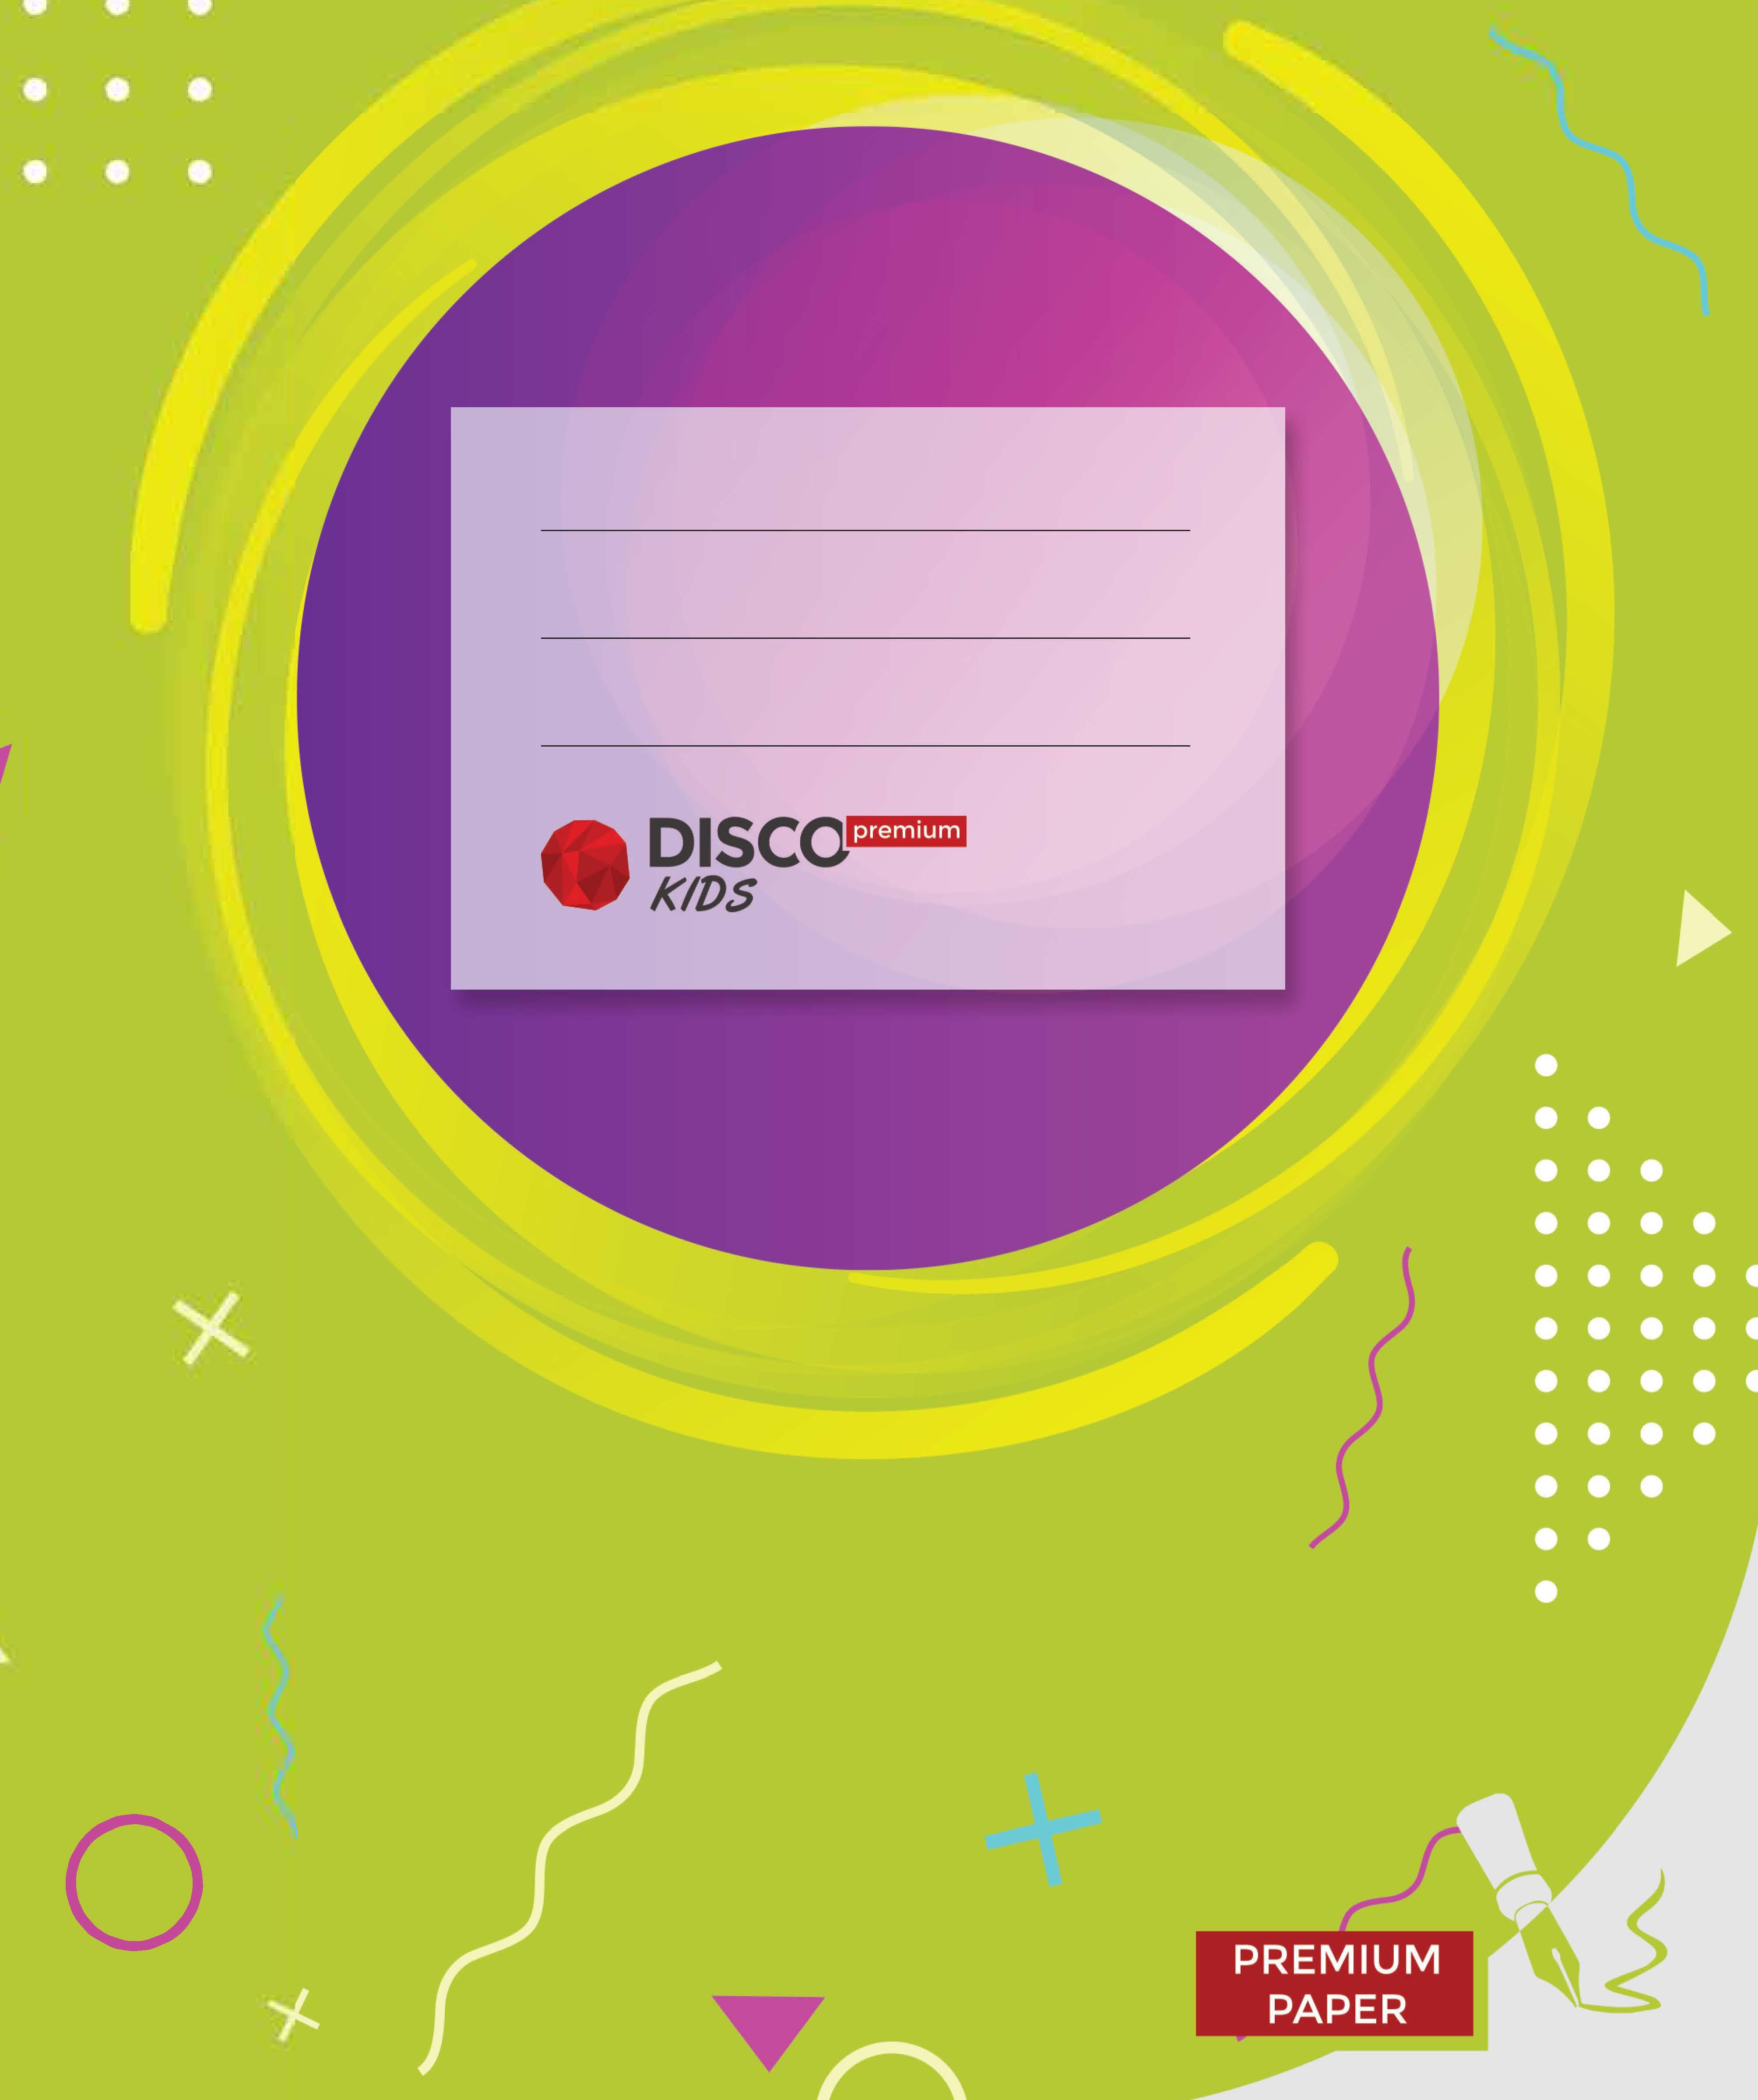 Disco Premium Kids